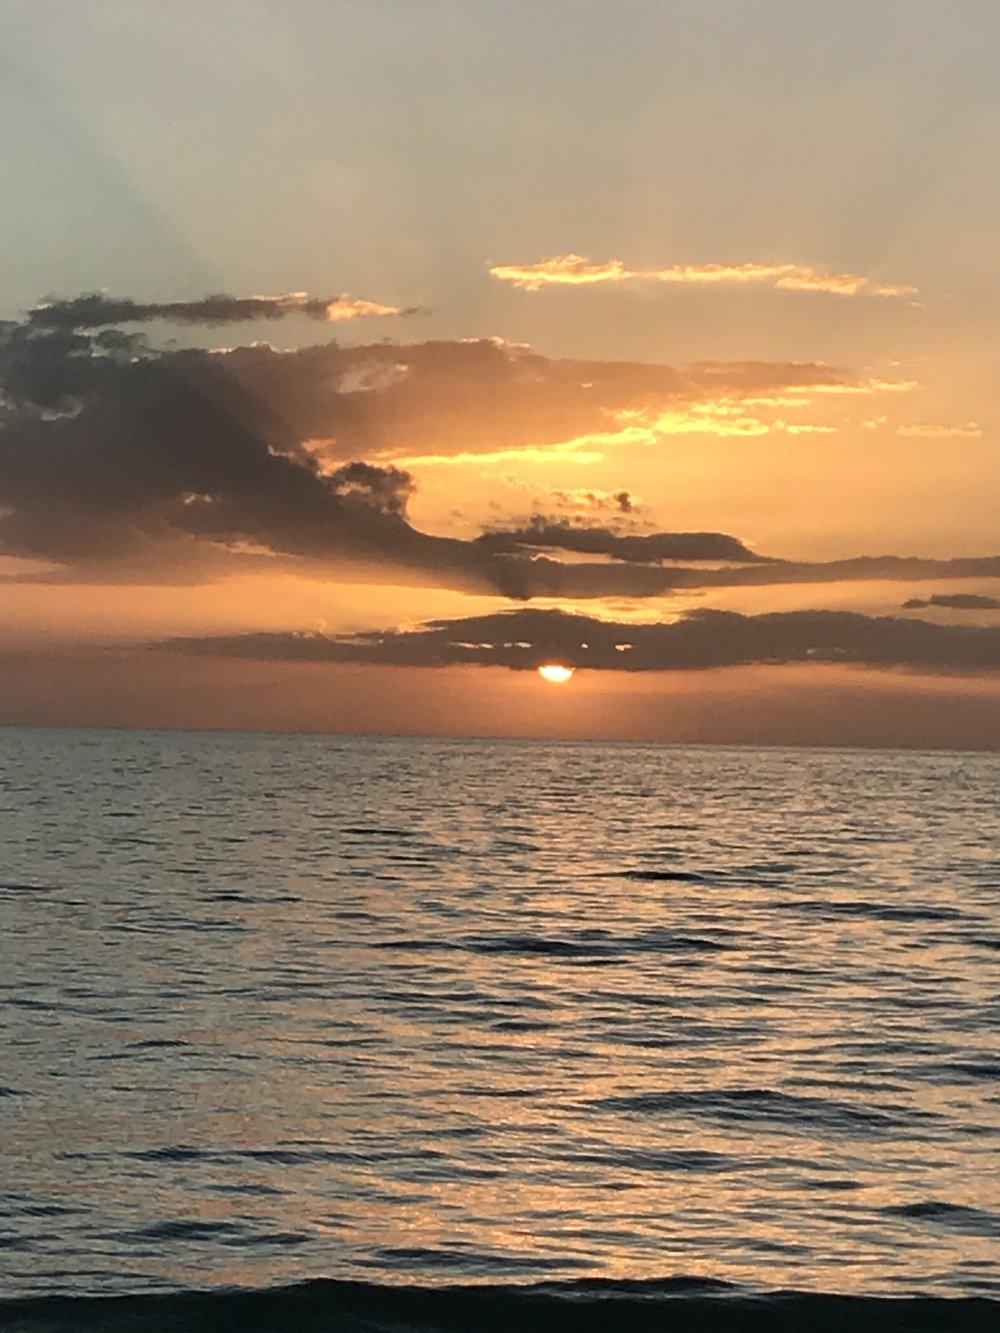 sunset over water (6).JPG